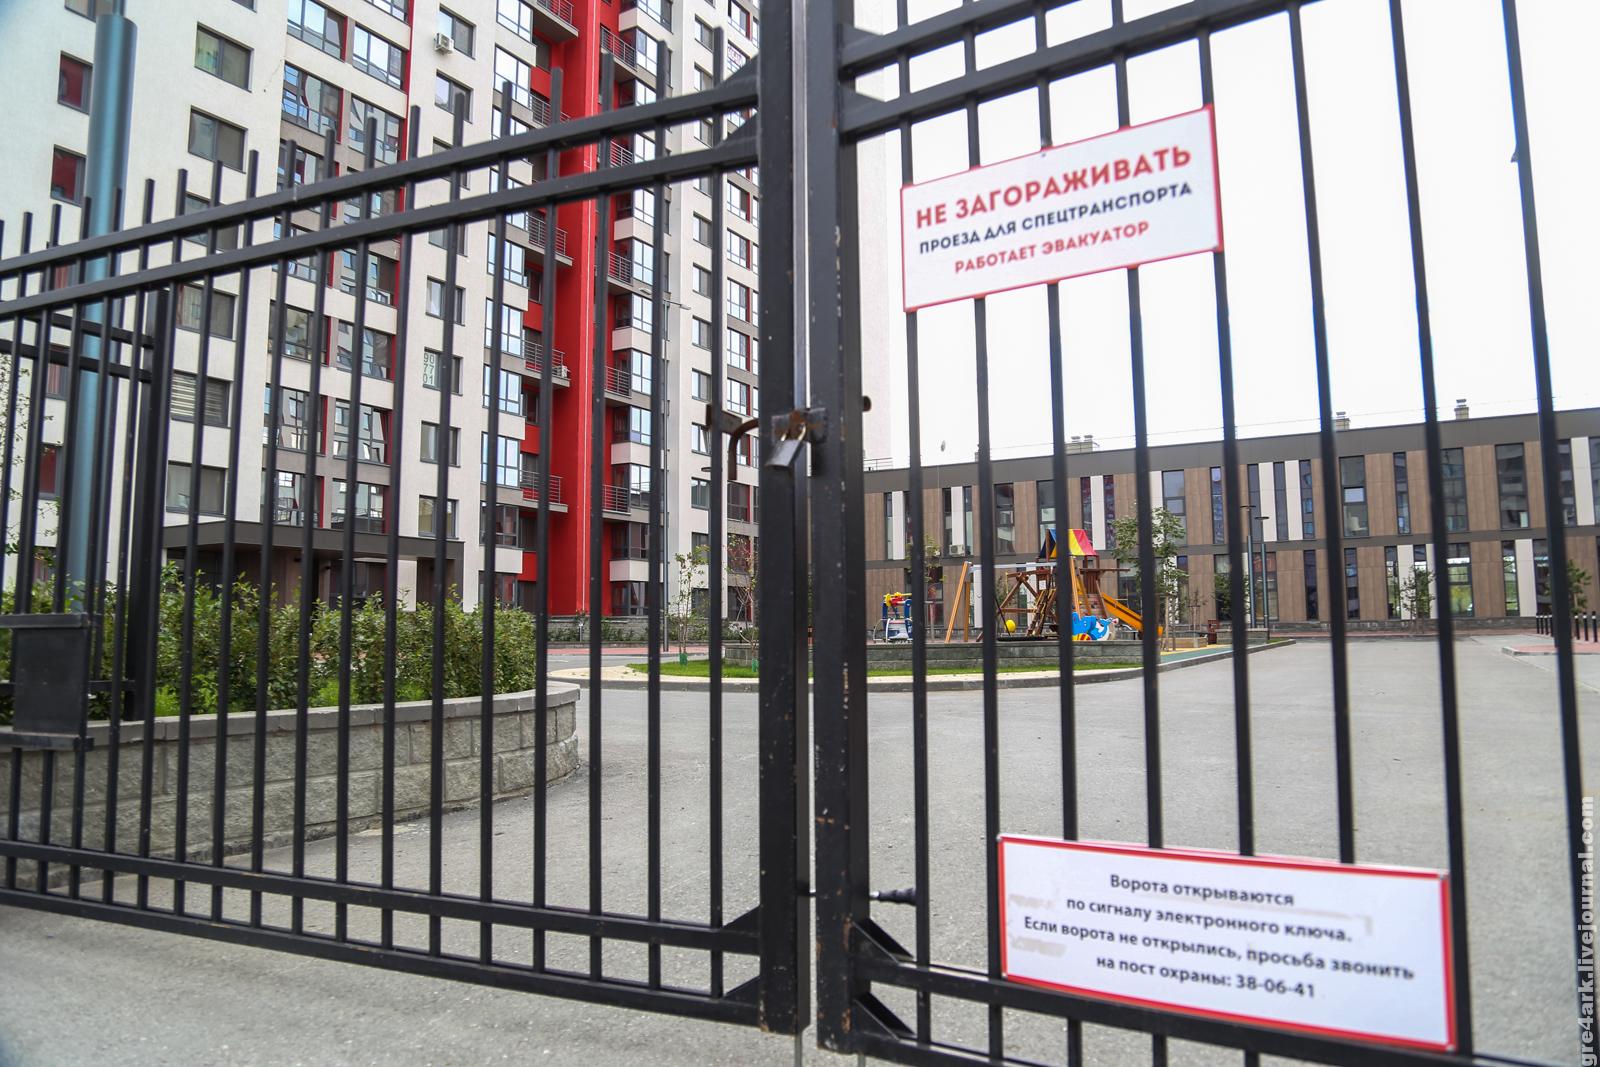 Проблема заборов и опасность её решения забор